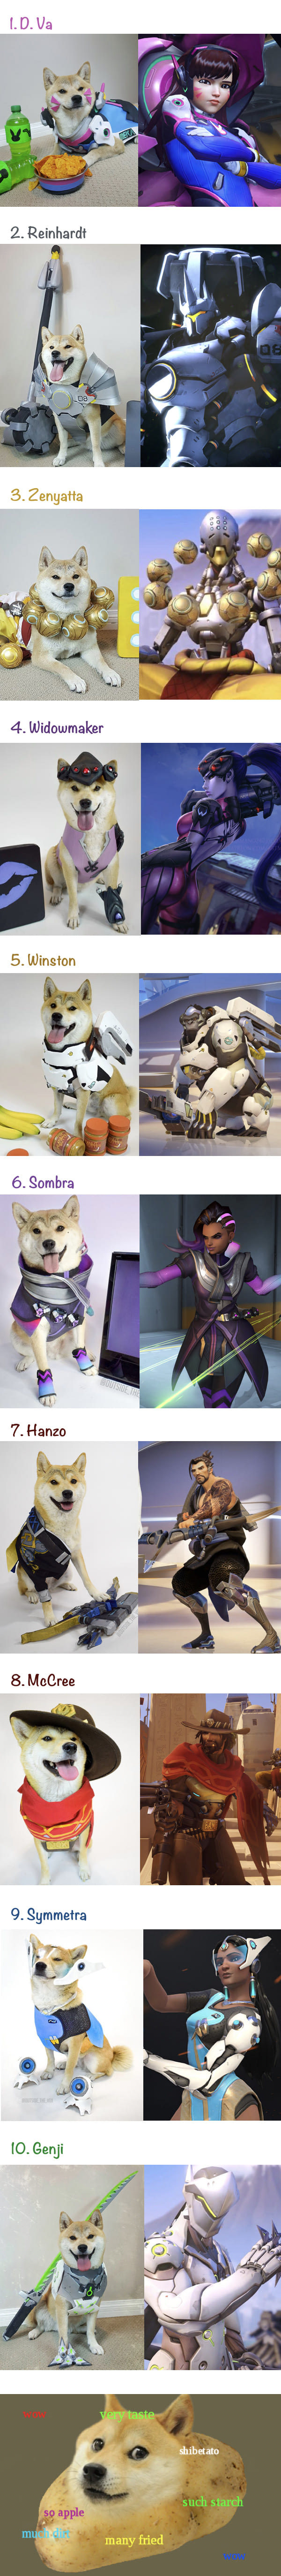 Косплей собаки на персонажей overwatch Собака, Косплей, overwatch, длиннопост, милота